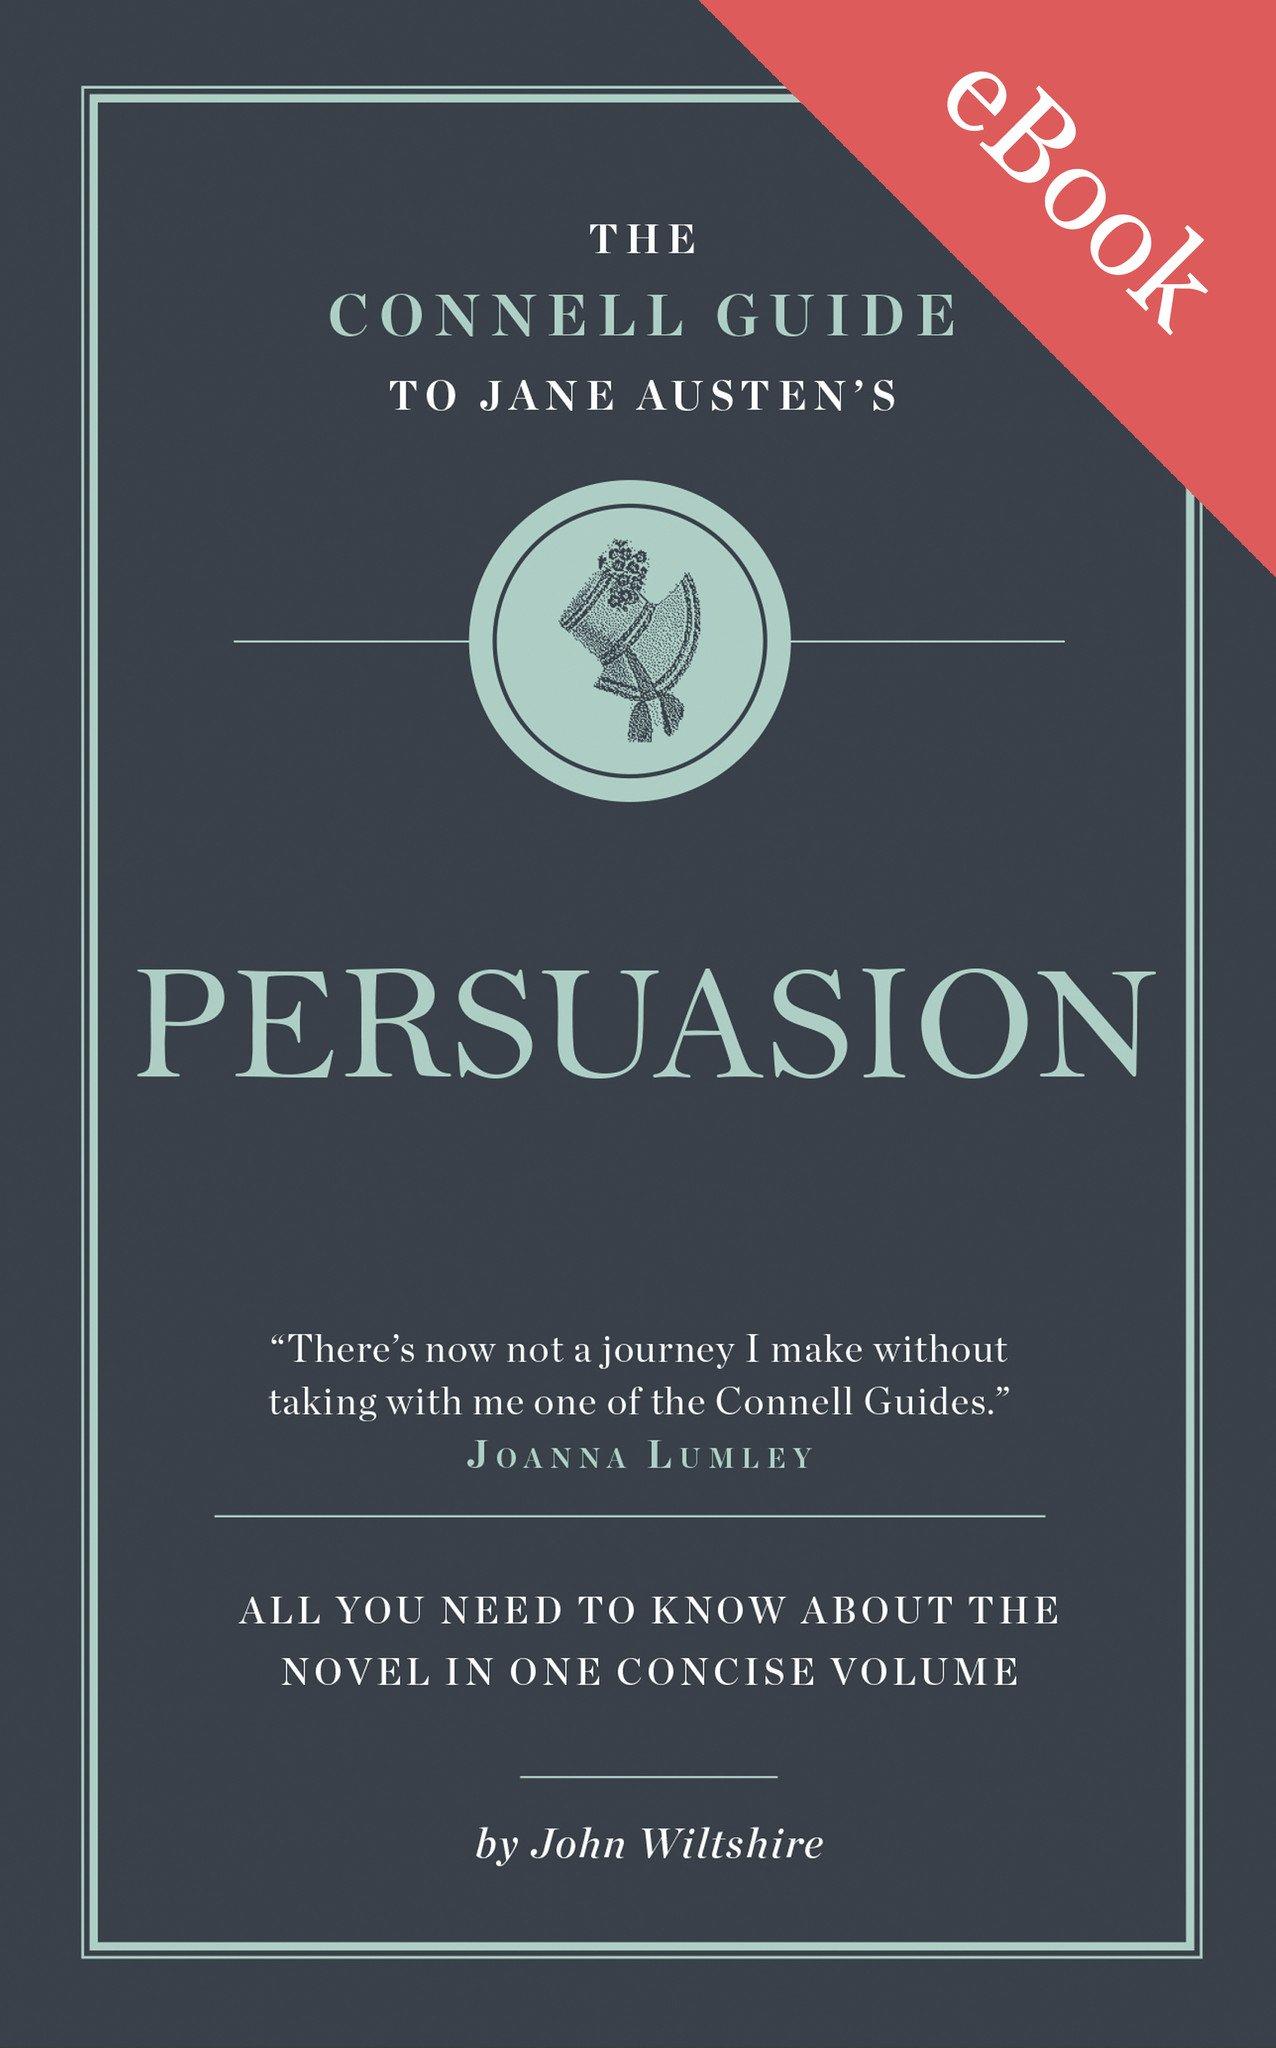 016 Essay Example Ebookv1470927528 Essays In Remarkable Persuasion Audiobook Pdf John Maynard Keynes Summary Full